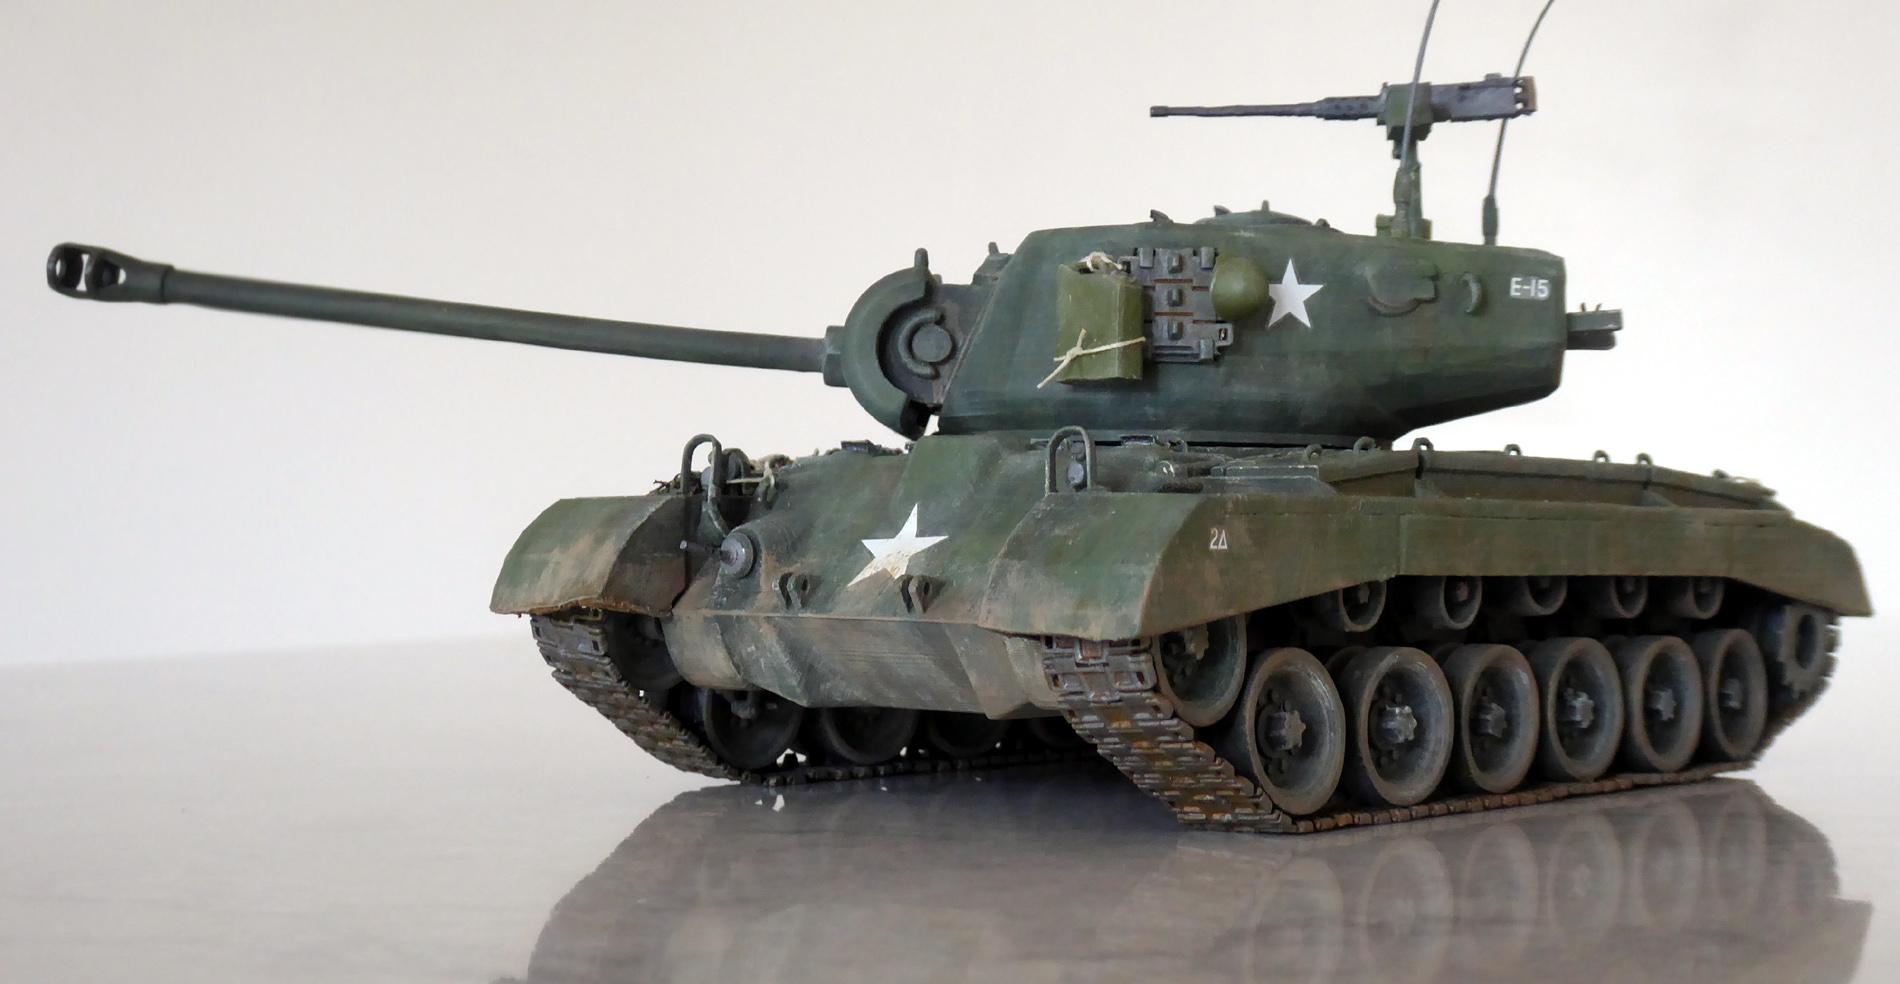 3D printed Pershing tank